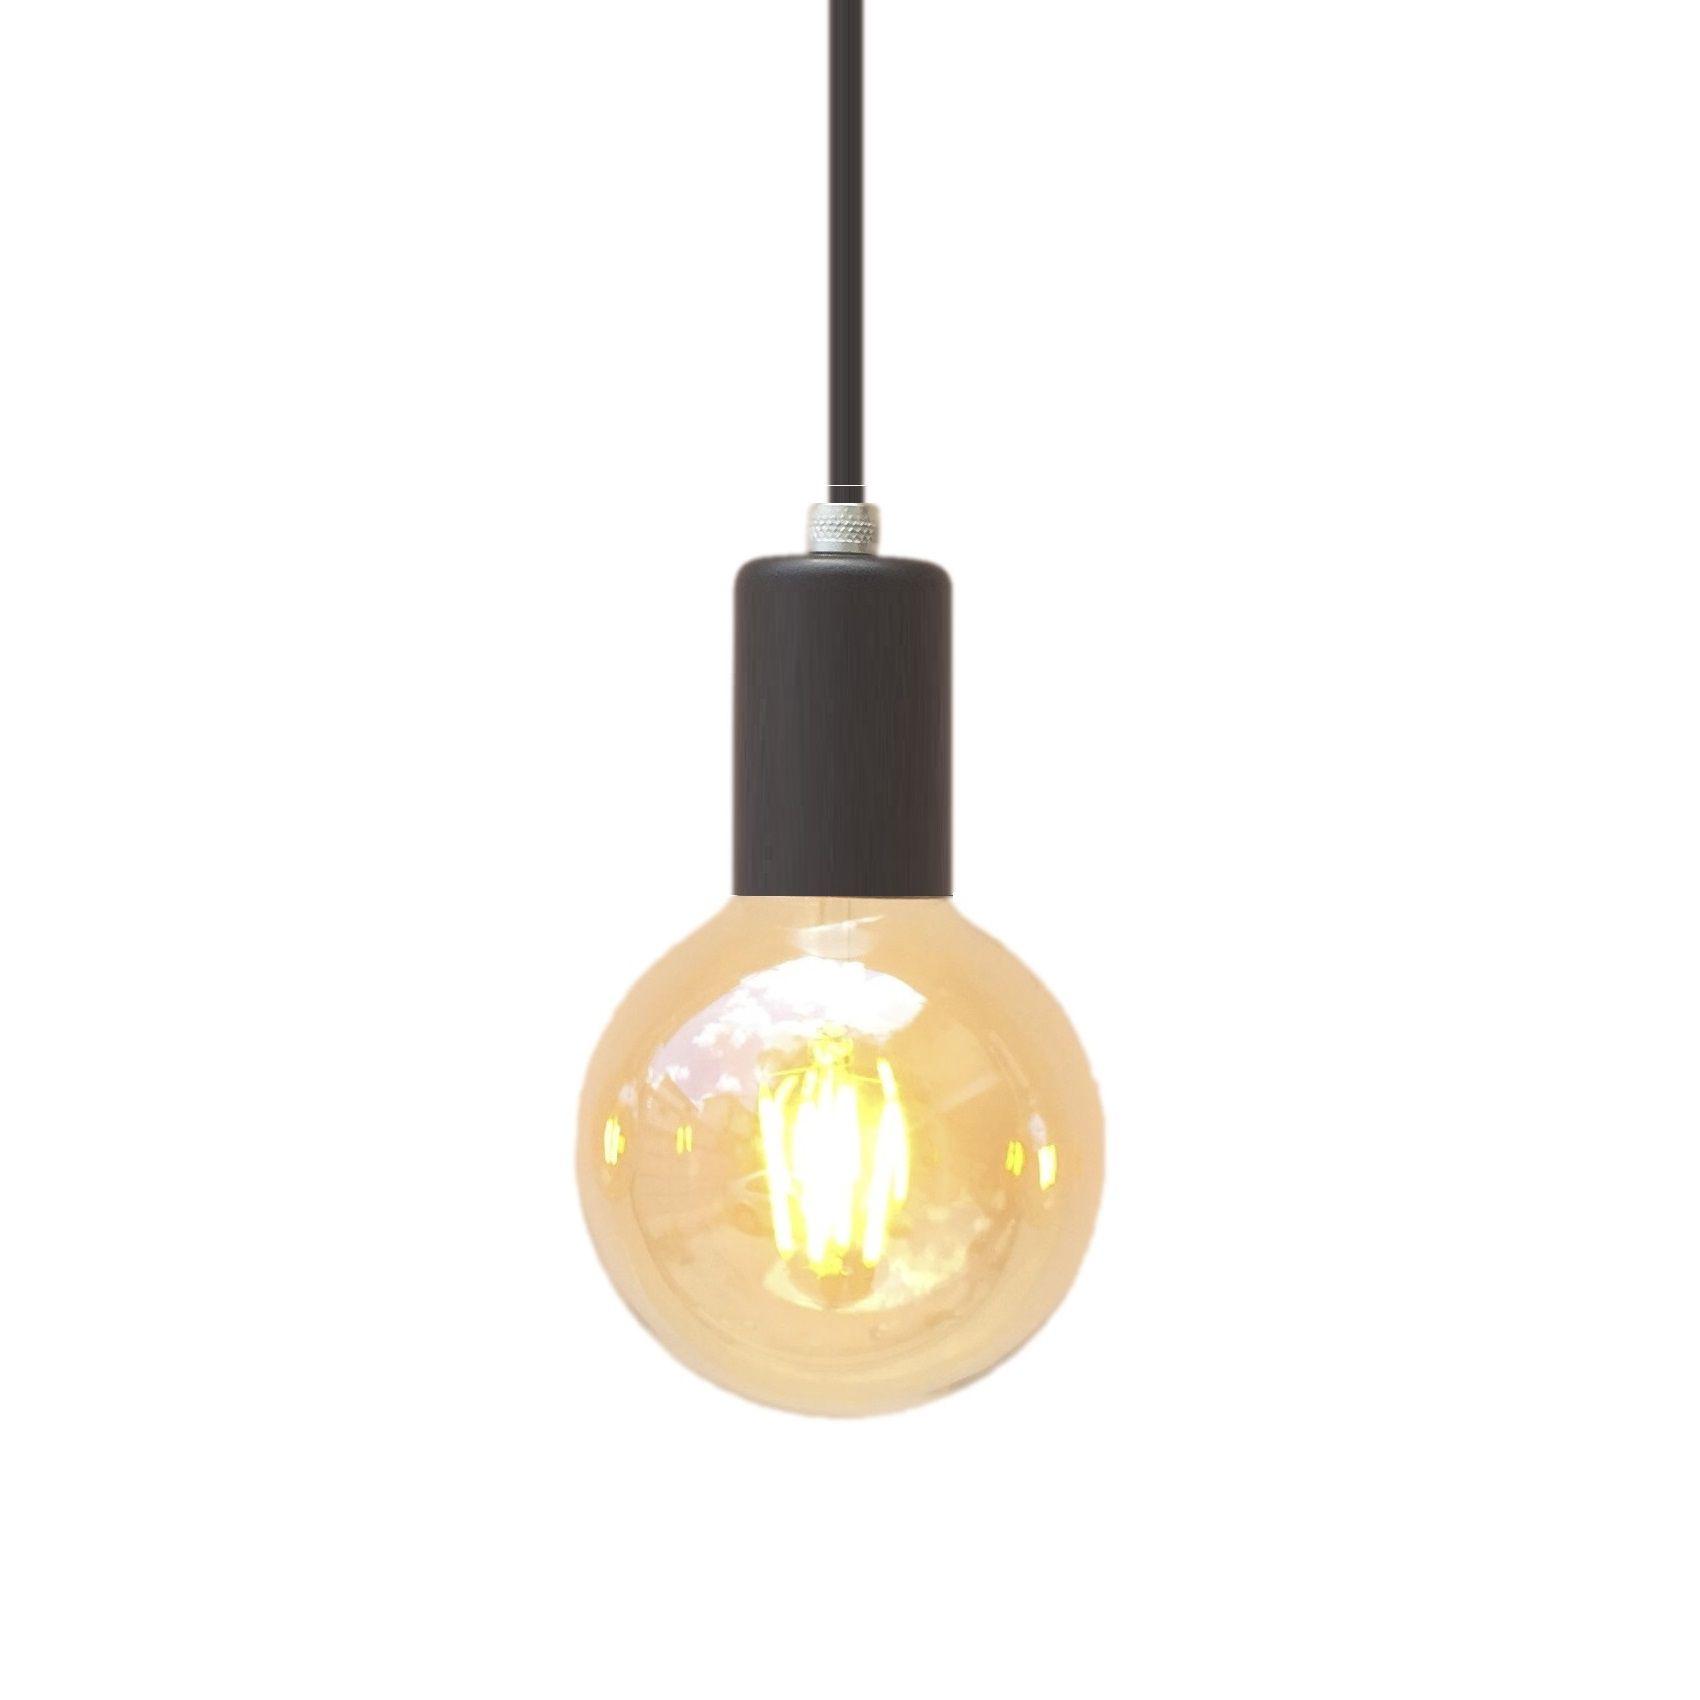 Lustre pendente metálico preto  - ZOLT luminárias